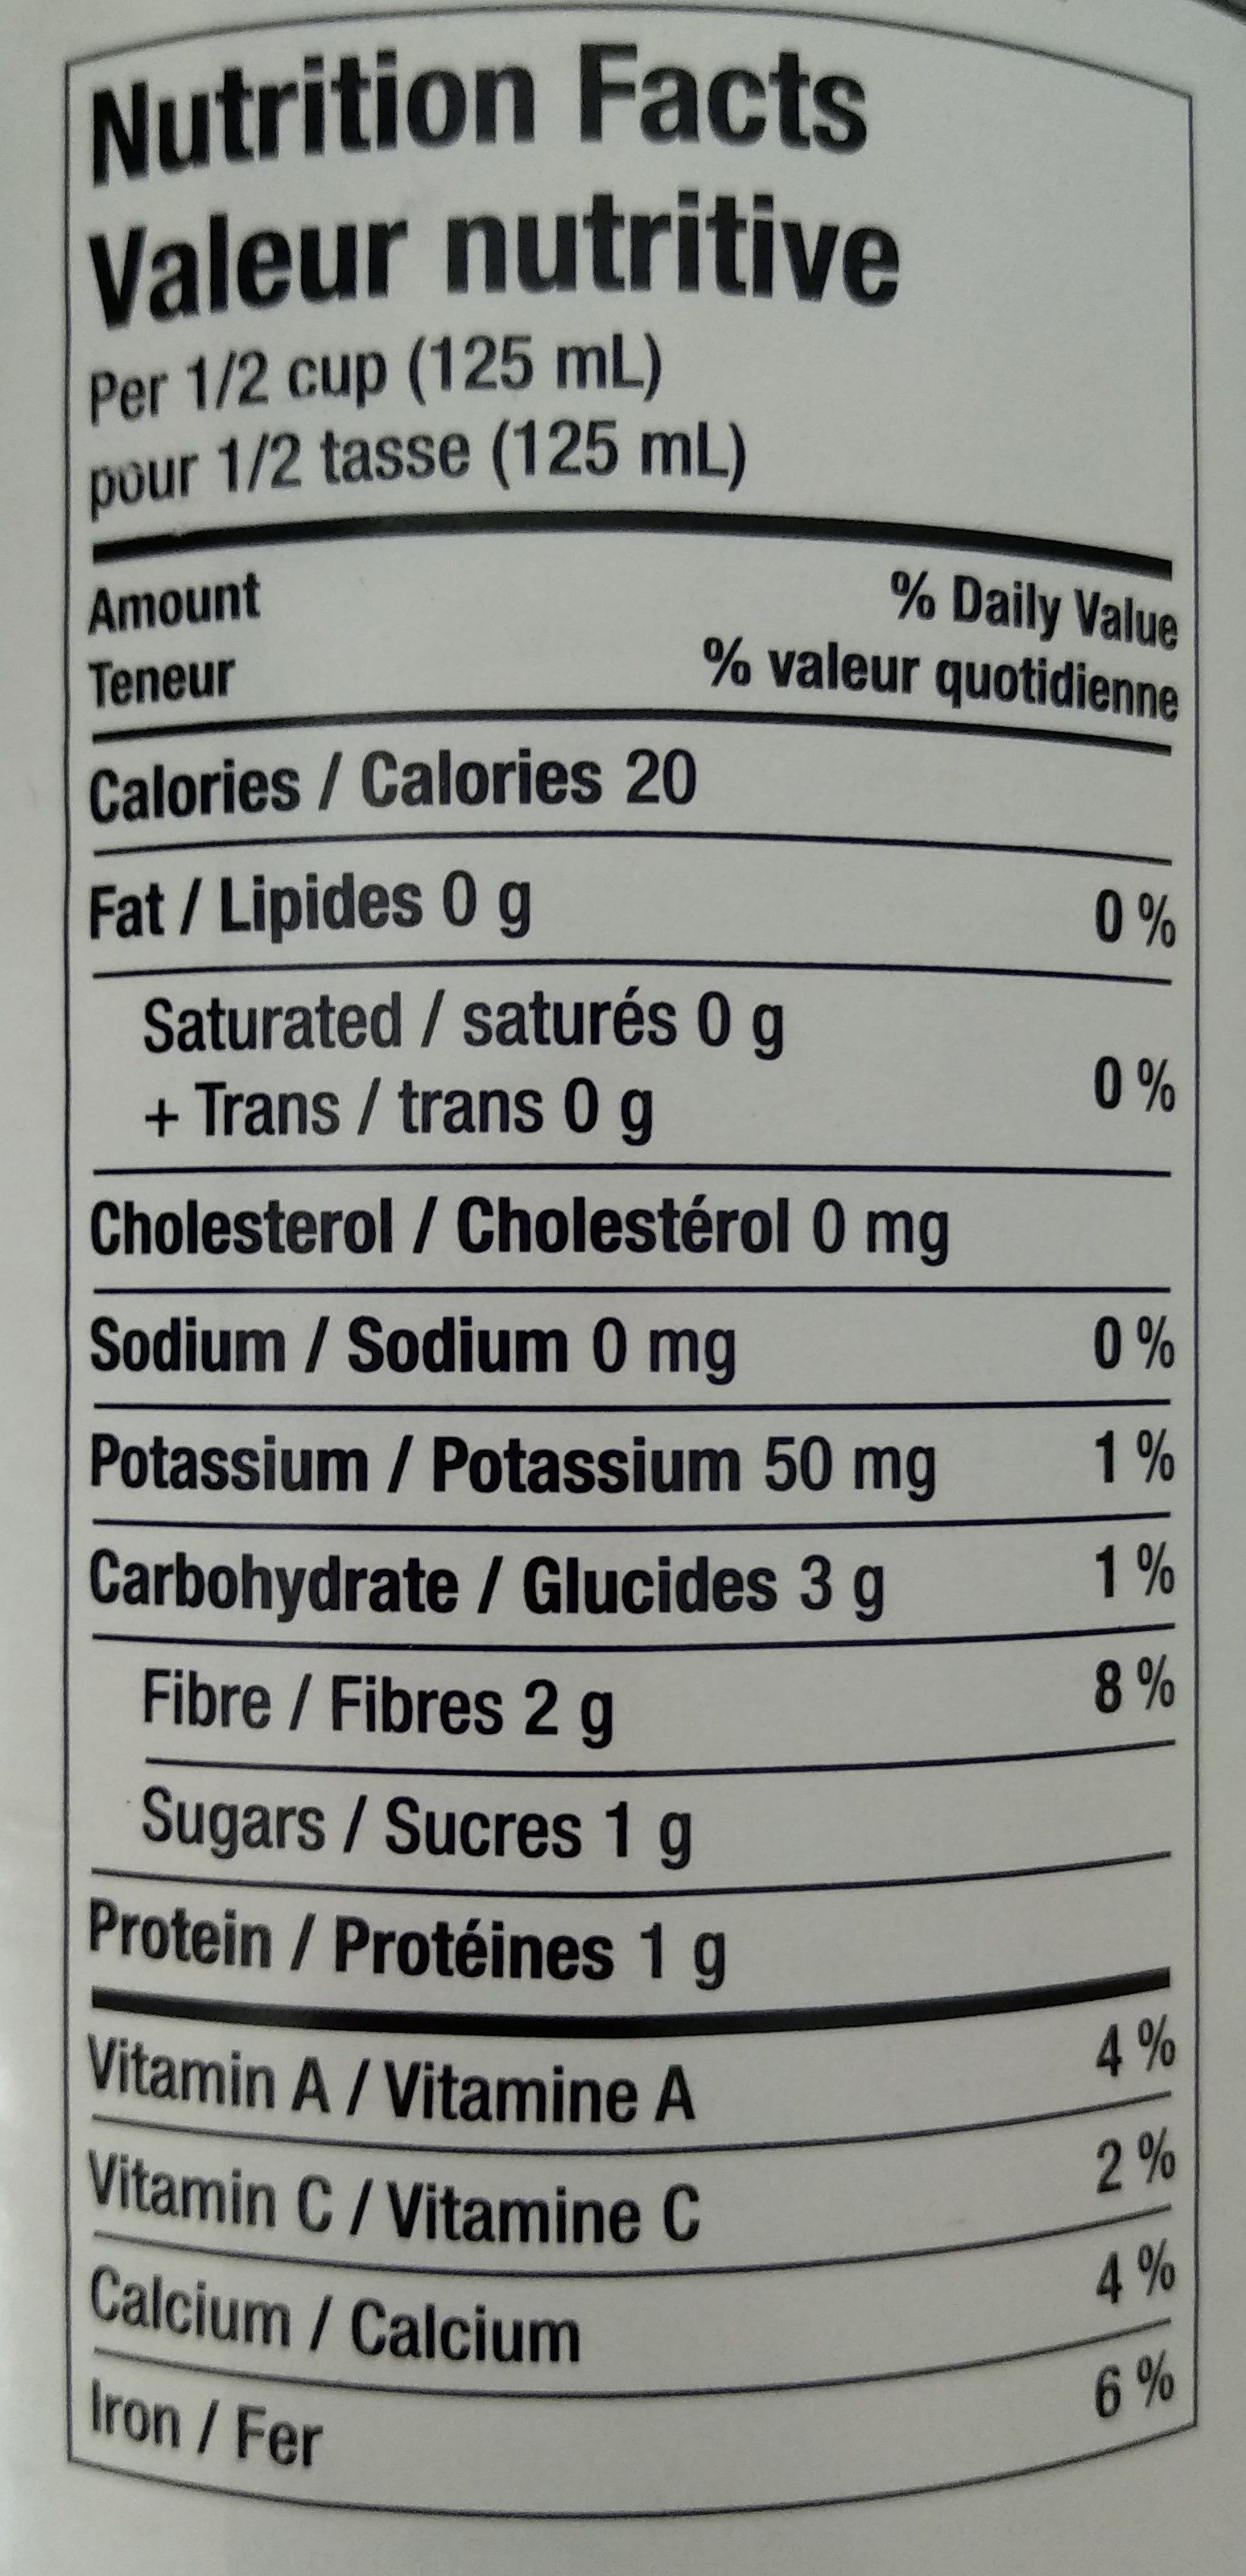 haricots verts coupés sans sel - Informations nutritionnelles - fr